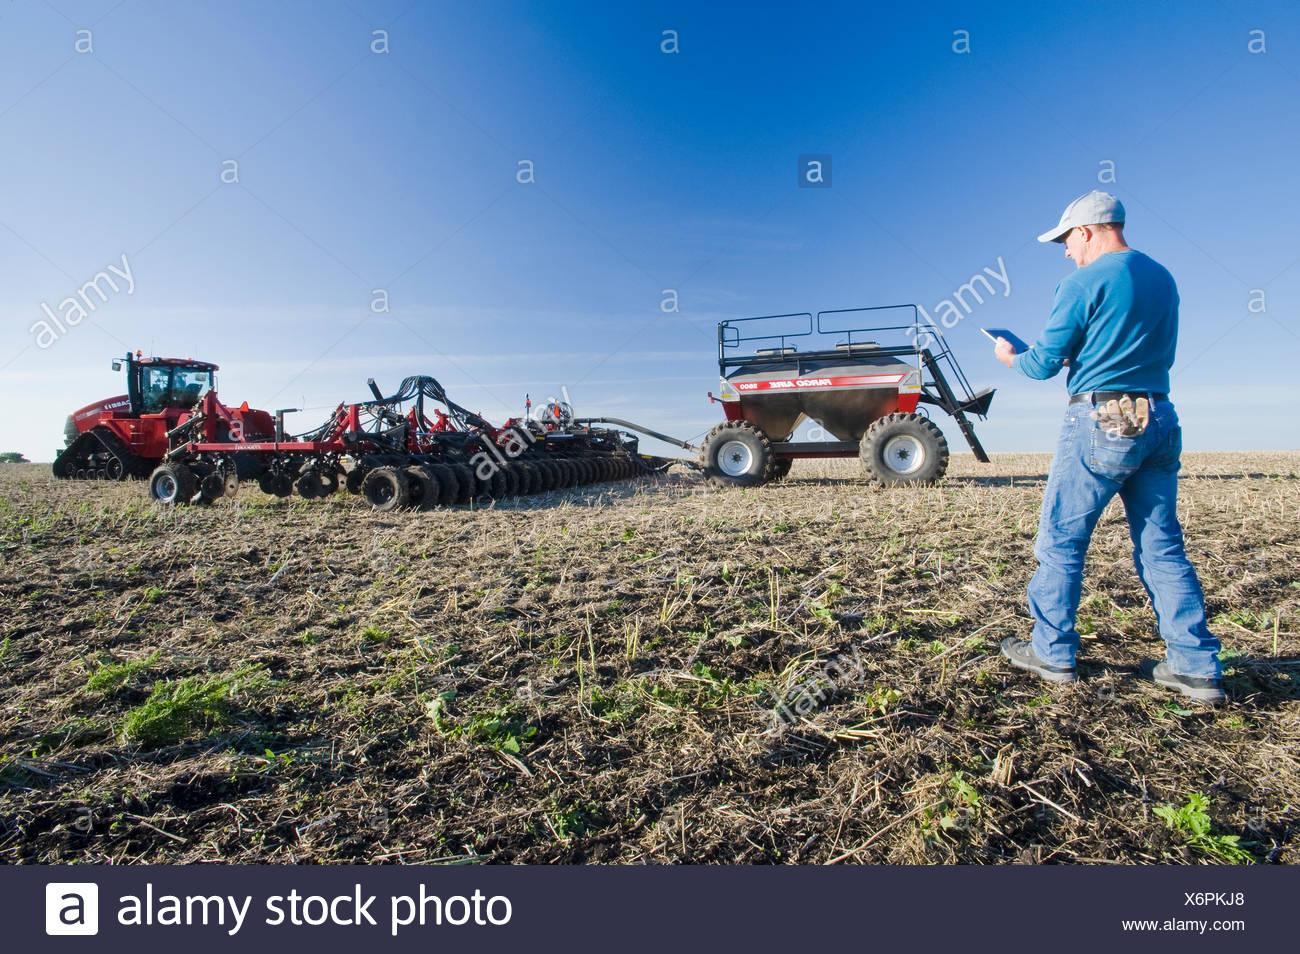 Landwirt mit einem Tablet vor einem Traktor und pneumatische Sämaschine Aussaat Winterweizen in einem Null bis Feld mit Raps Stoppeln, in der Nähe von lorette, Manitoba, Kanada Stockbild